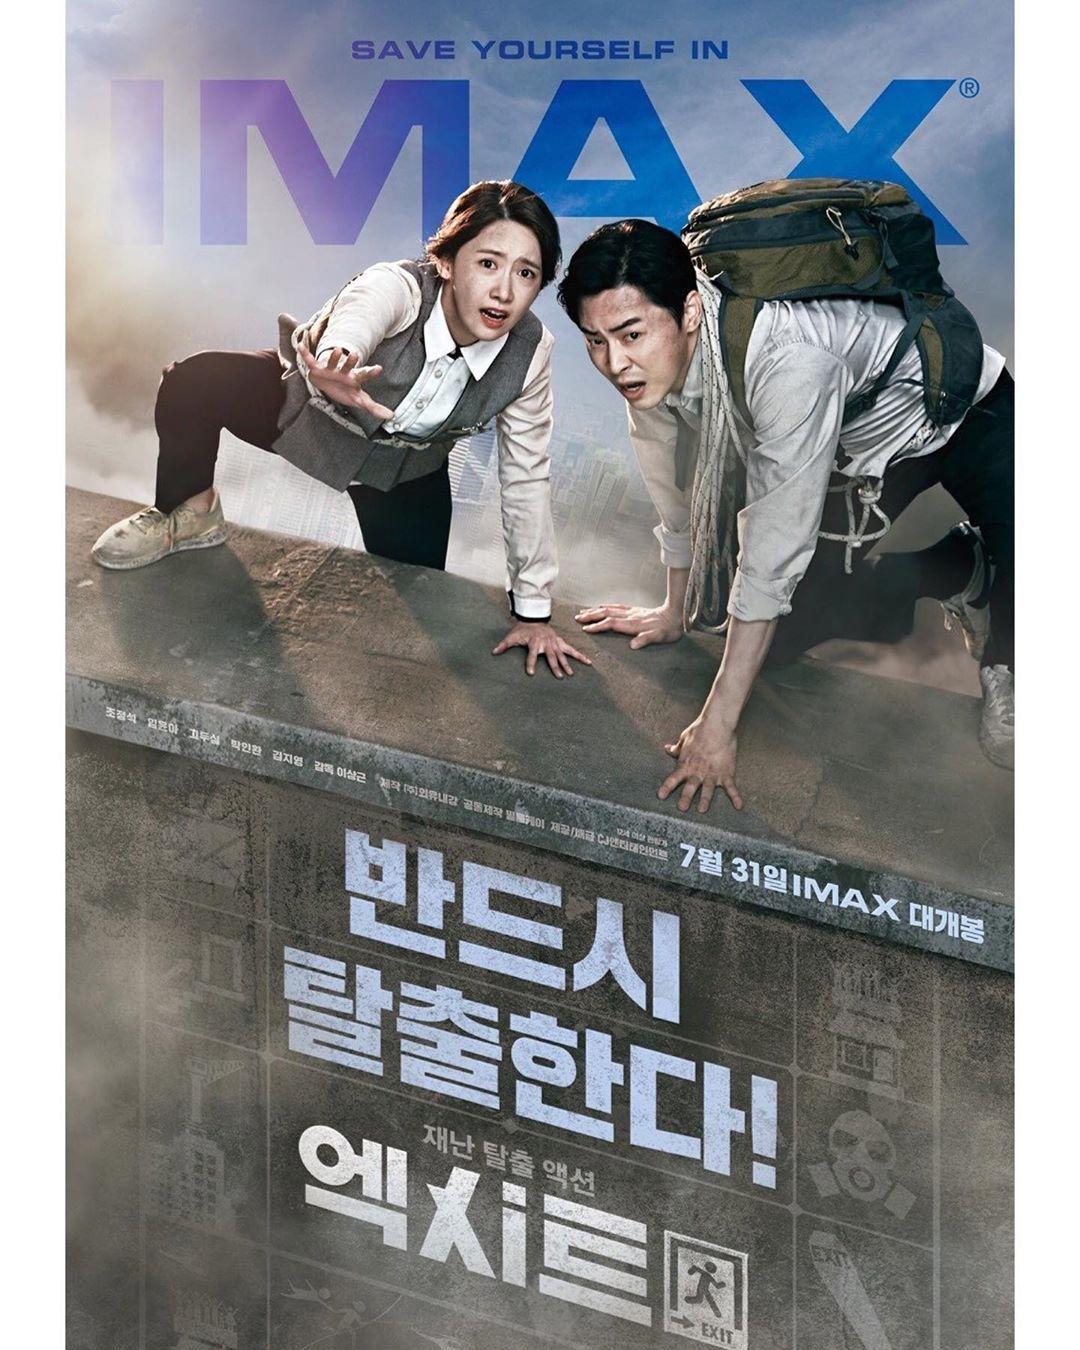 Korean Drama Movie Update Pe Instagram New Poster Movie Exit Release On July 31 2019 Starring Jojungsuk Yoona Synopsis Yo Animasi Kutipan Harian